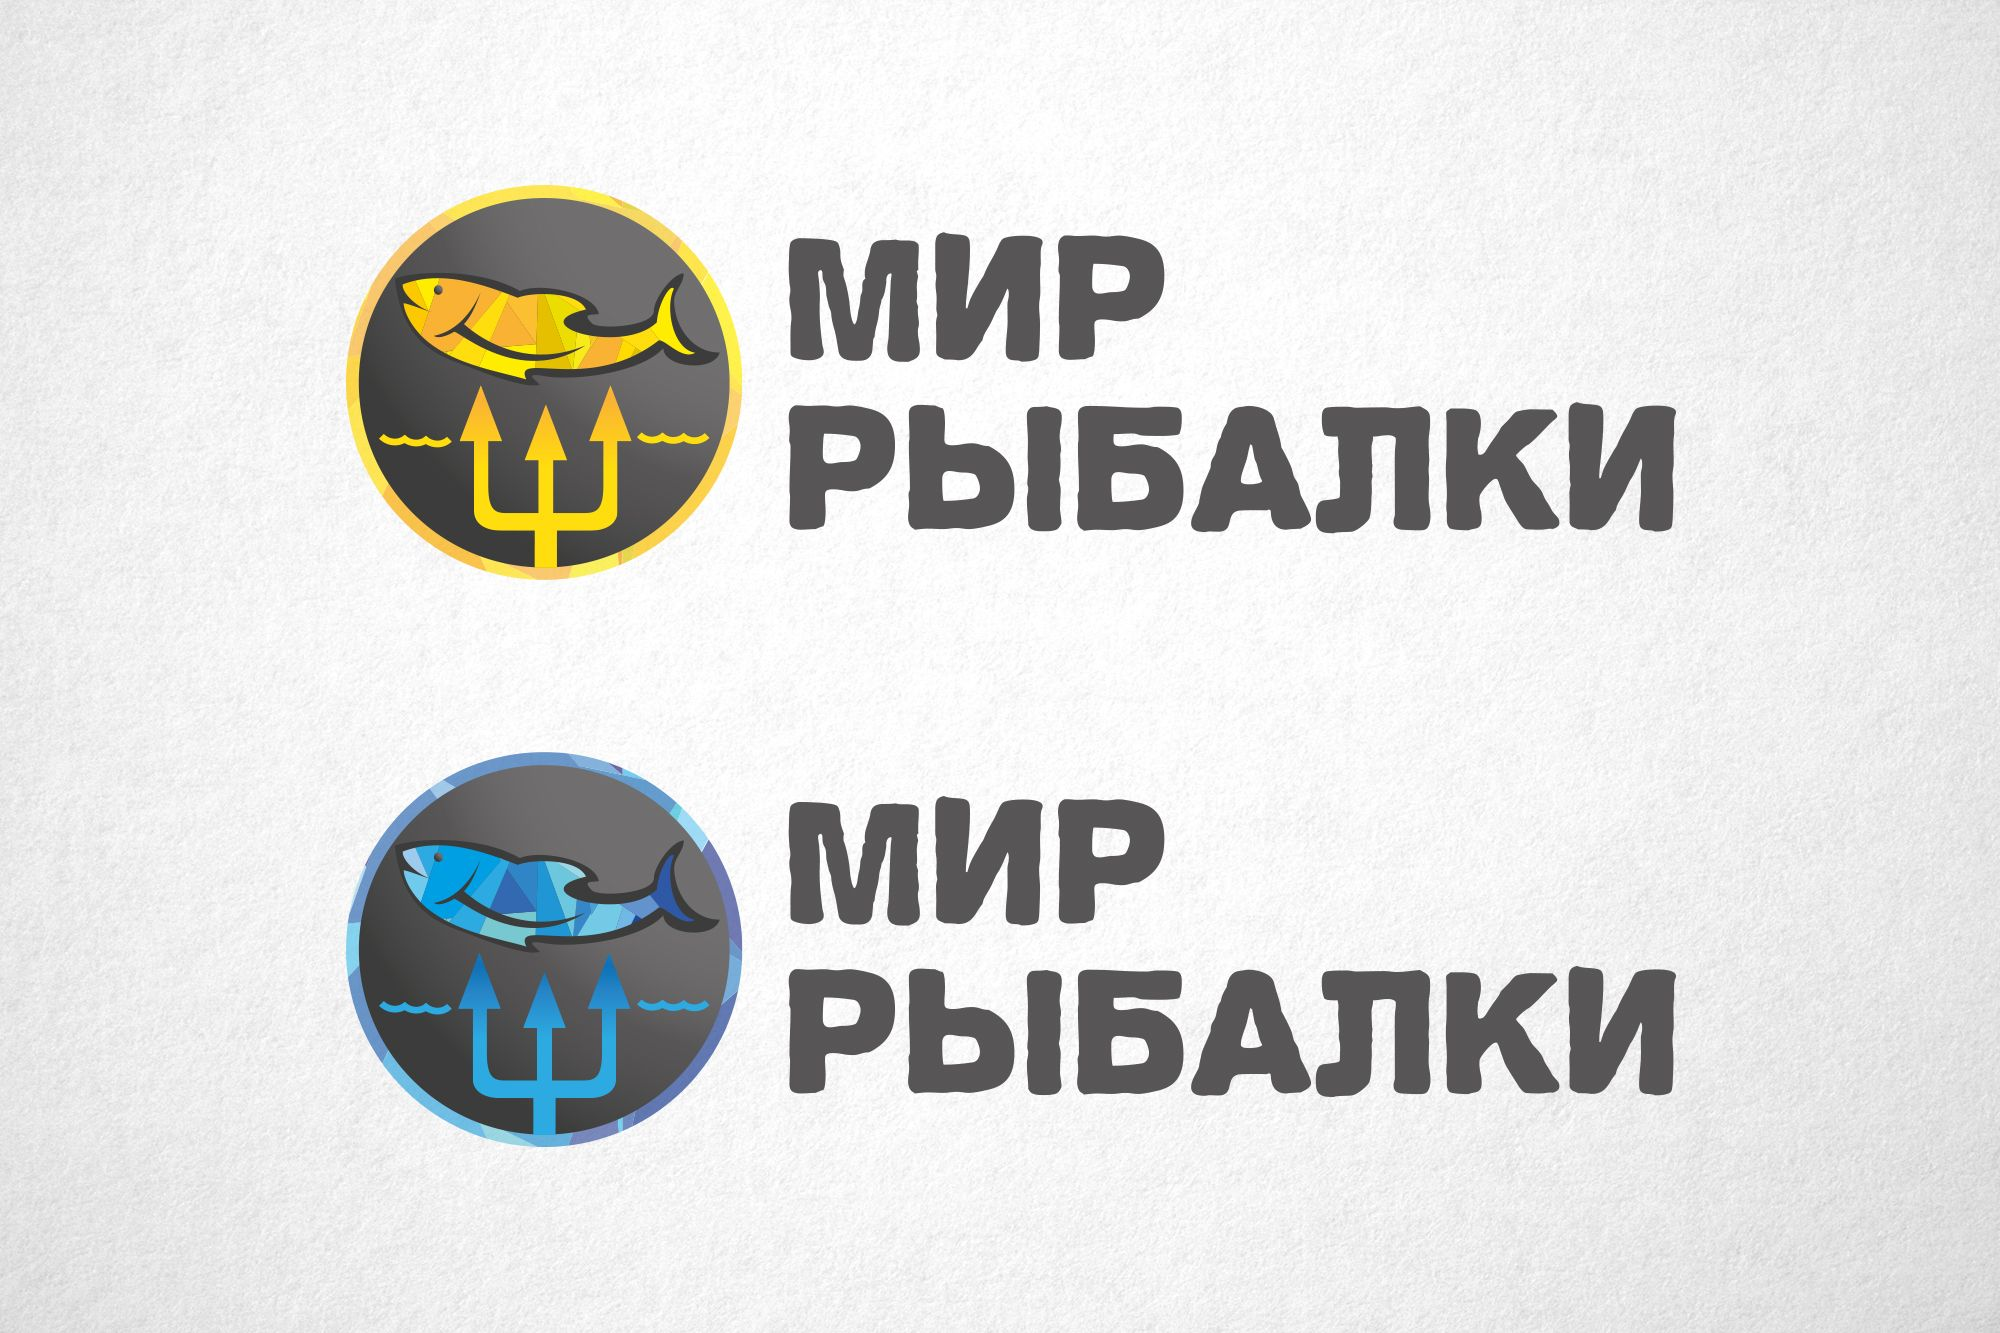 Логотип рыболовного магазина - дизайнер funkielevis